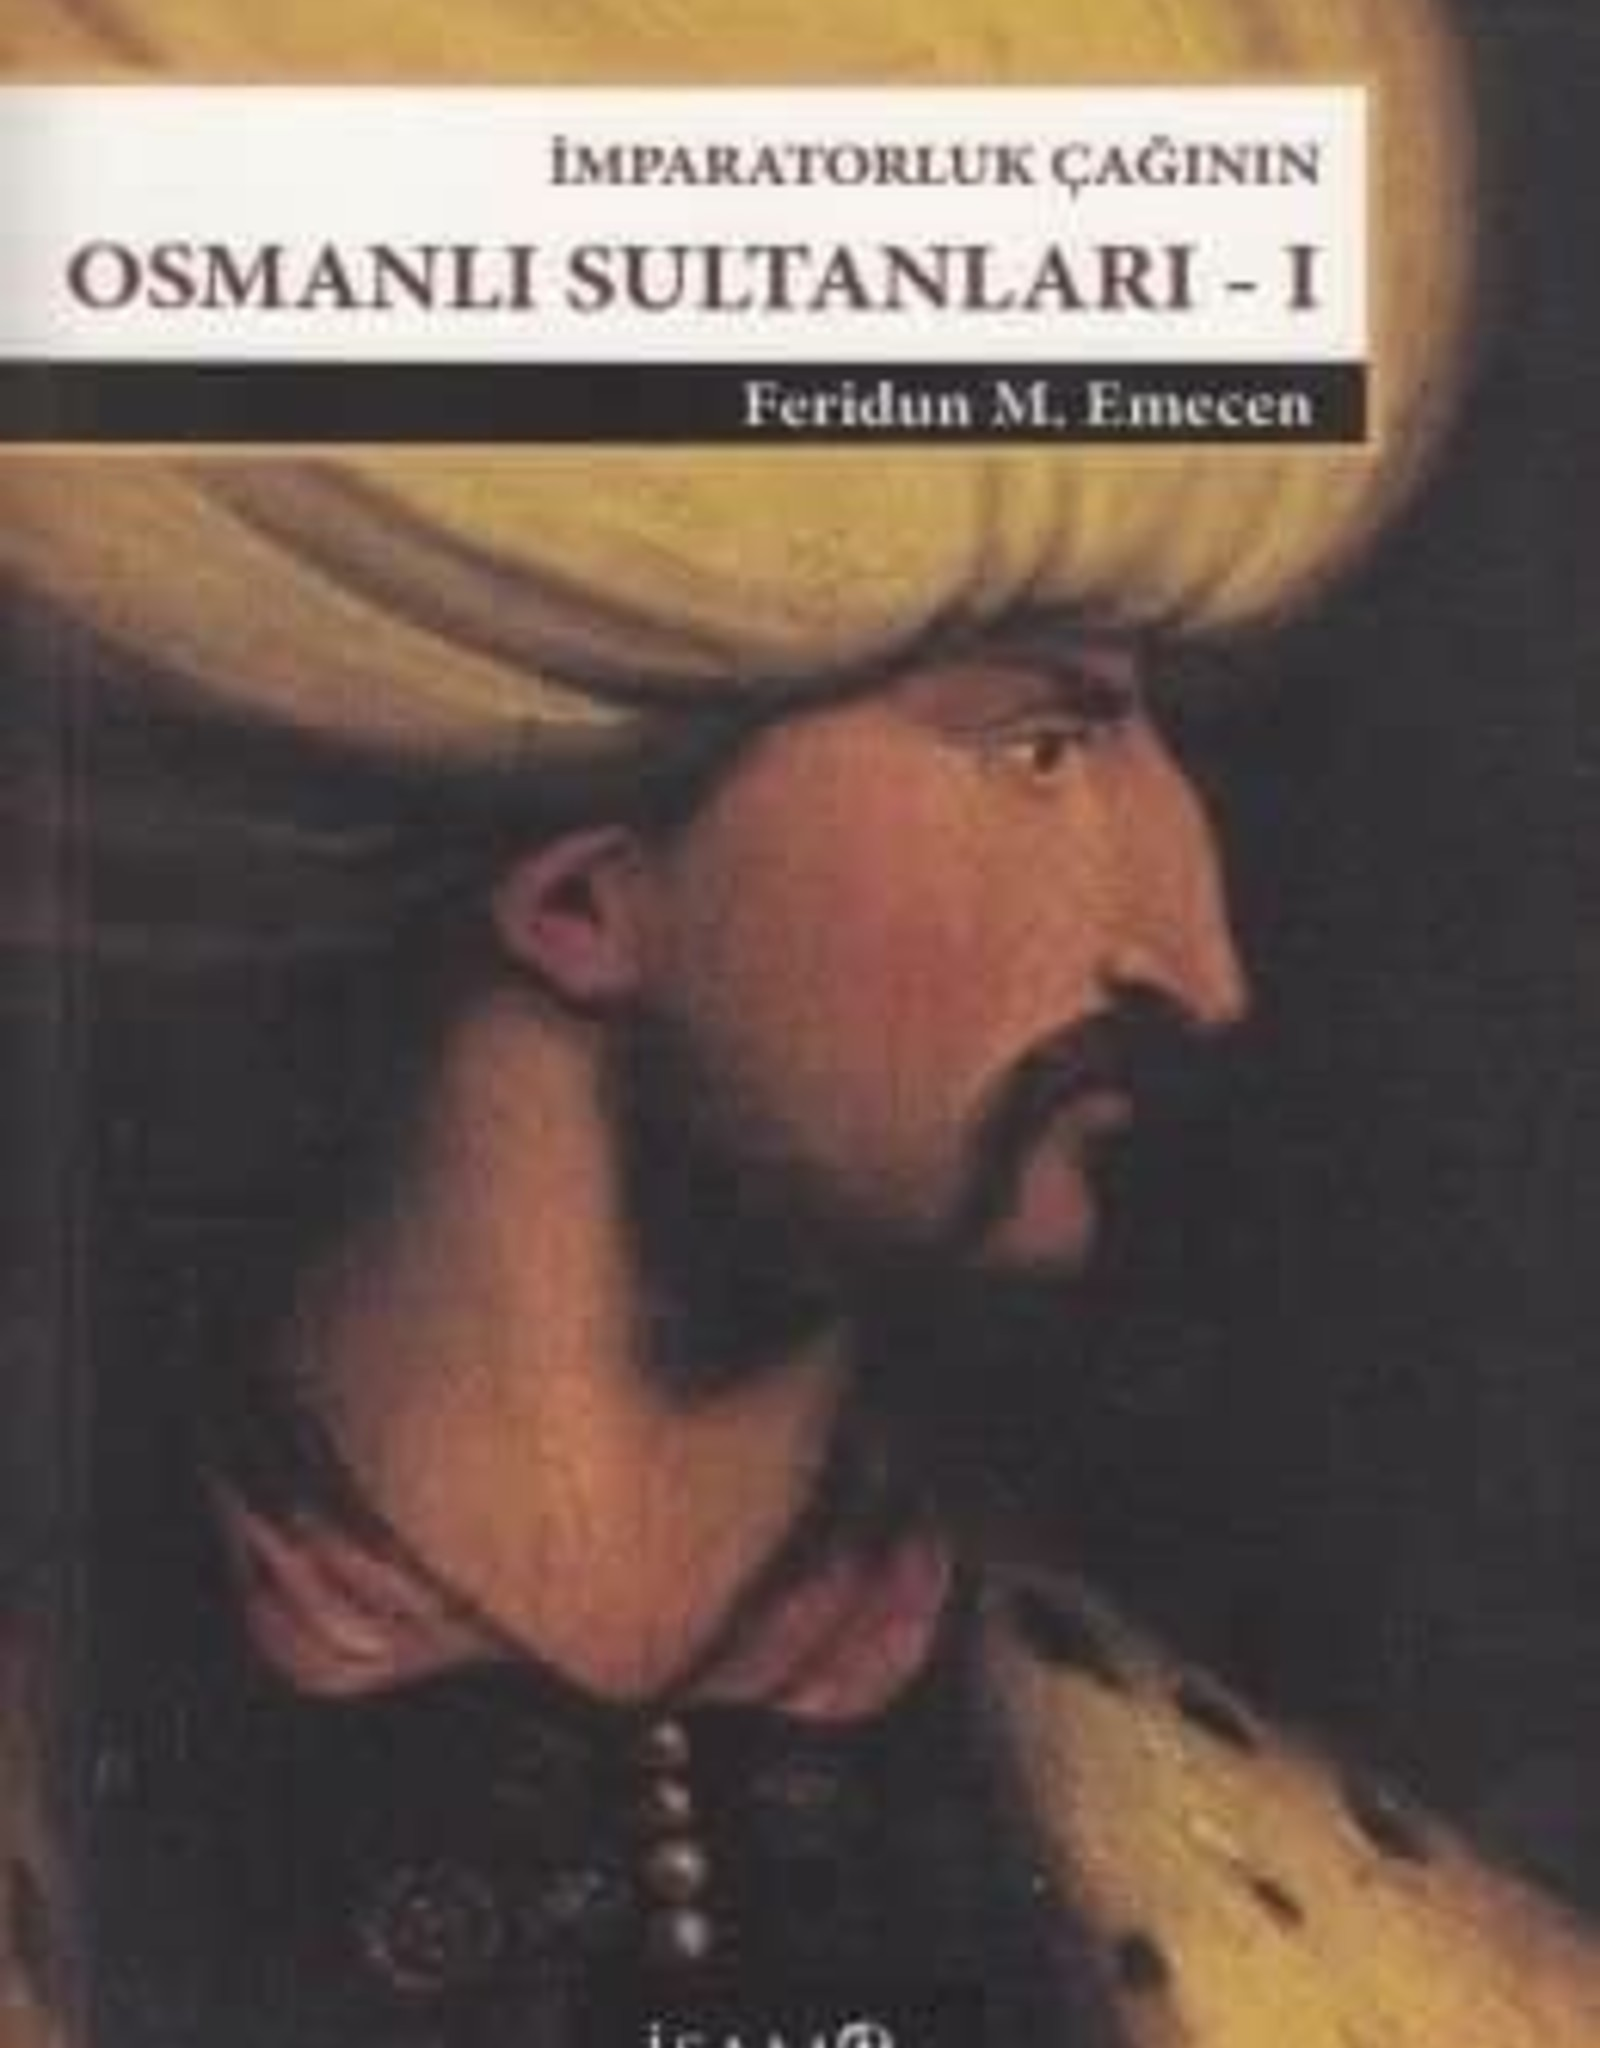 Imparatorluk Çağının Osmanlı Sultanları - 1